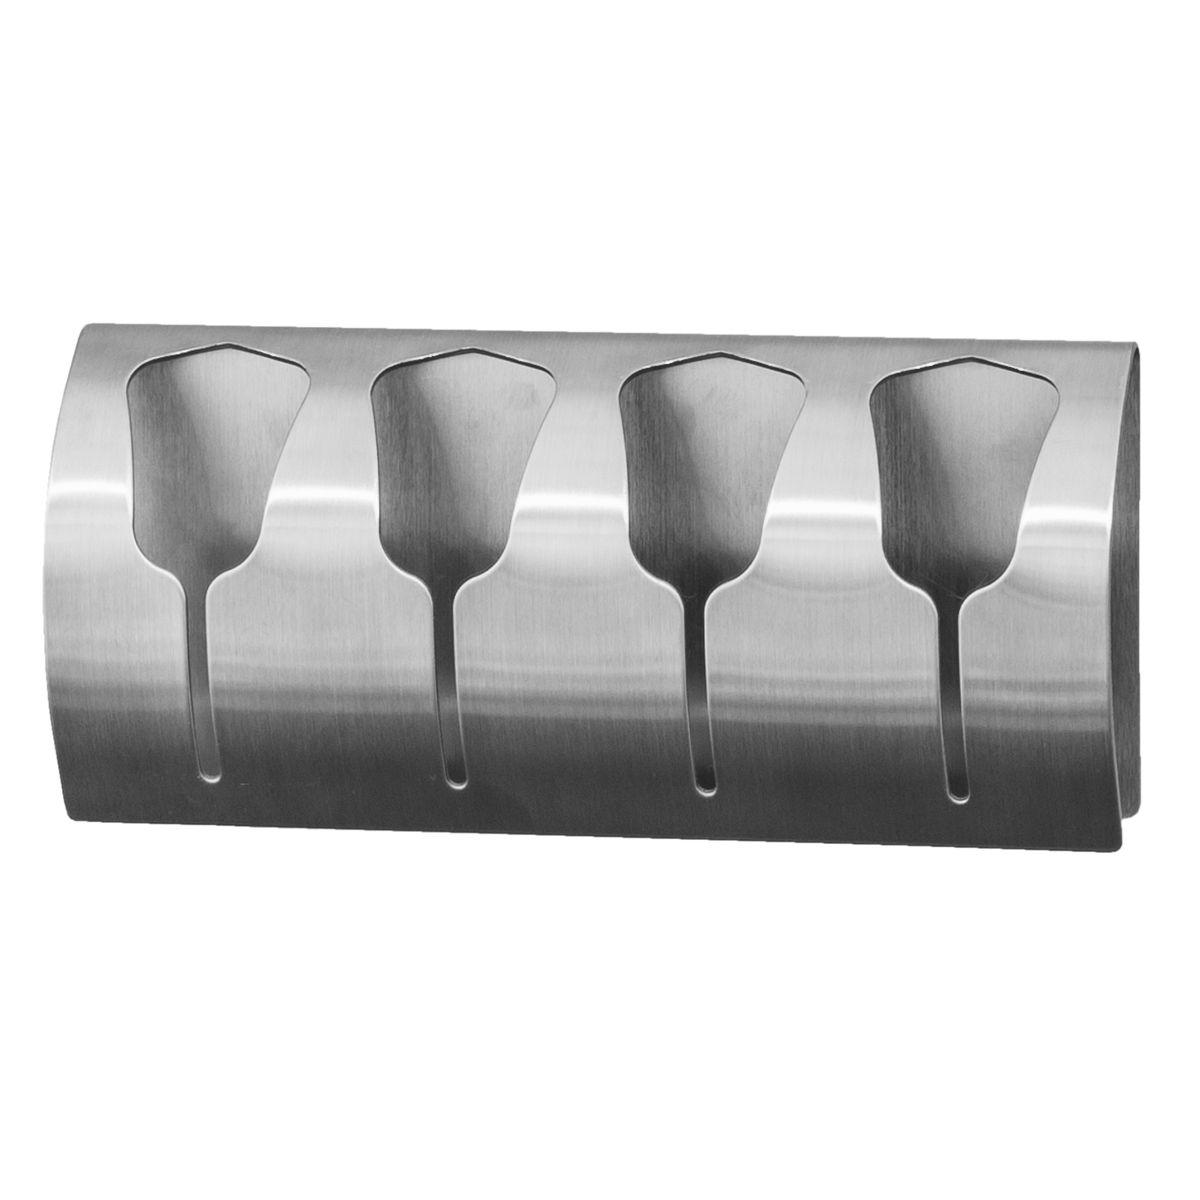 Вешалка Tatkraft Florida, самоклеящийся, для 4 полотенец20160Вешалка Tatkraft Florida - вешалка на самоклеящийся основе для 4 полотенец из нержавеющей стали, не боится влаги, удобна в использовании. Легкая установка (инструкция на упаковке), надежный клеевой слой, выдерживает вес до 15 кг.